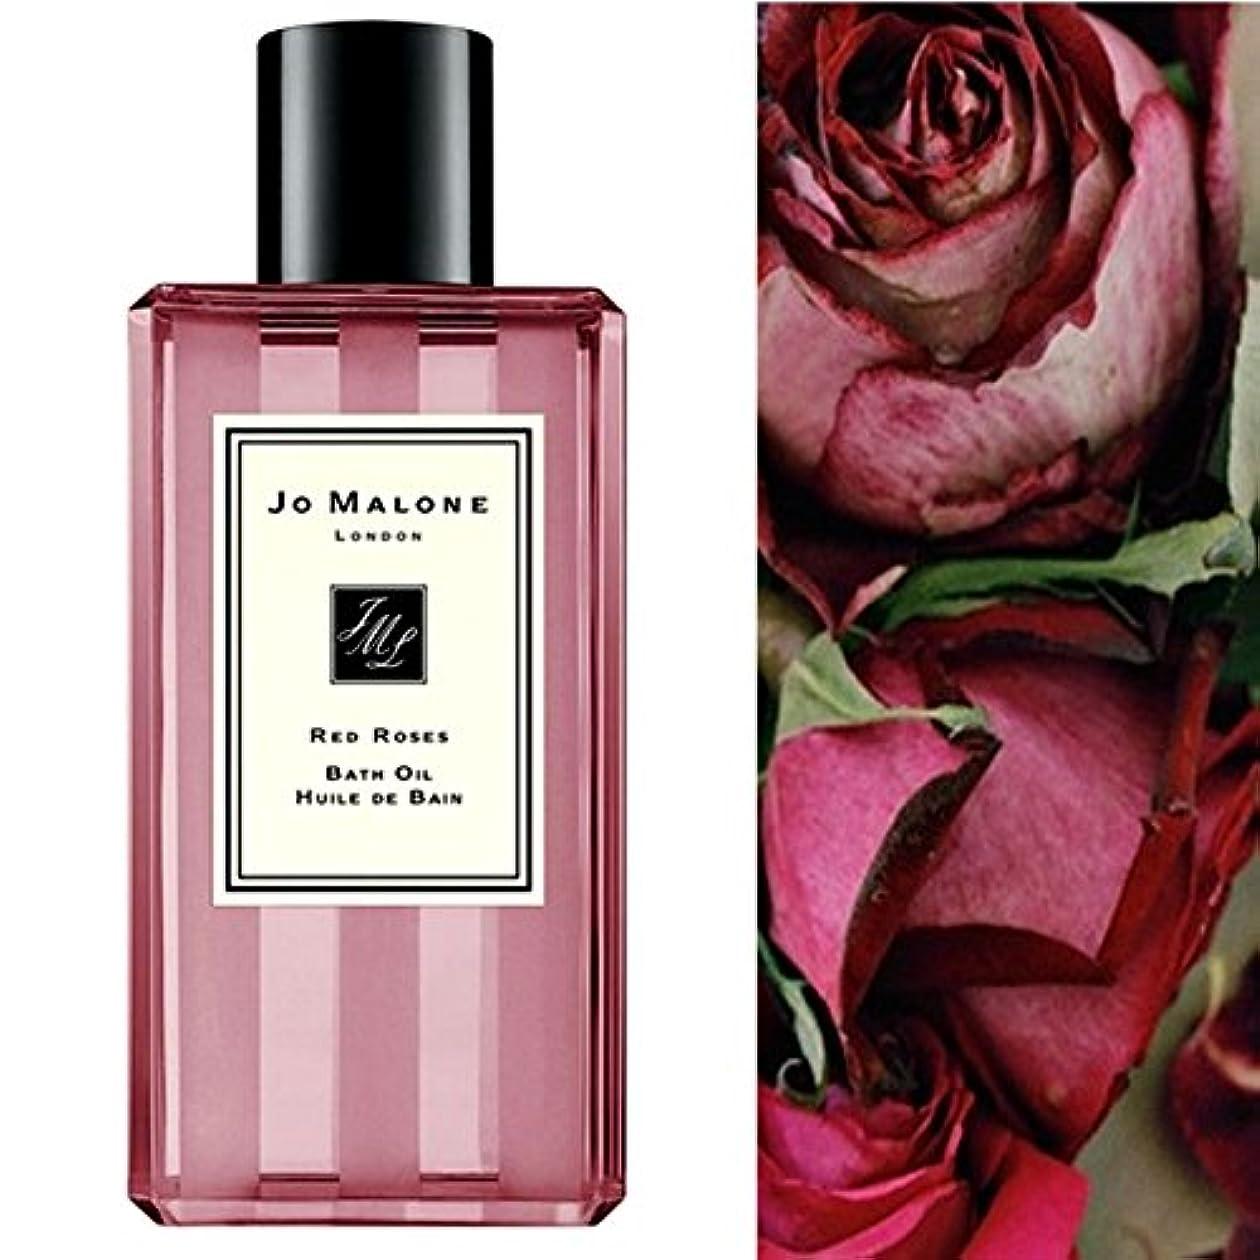 嘆く木曜日ベールJo Maloneジョーマローン, バスオイル - 赤いバラ (250ml)  'Red Roses' Bath Oil (8.5oz) [海外直送品] [並行輸入品]